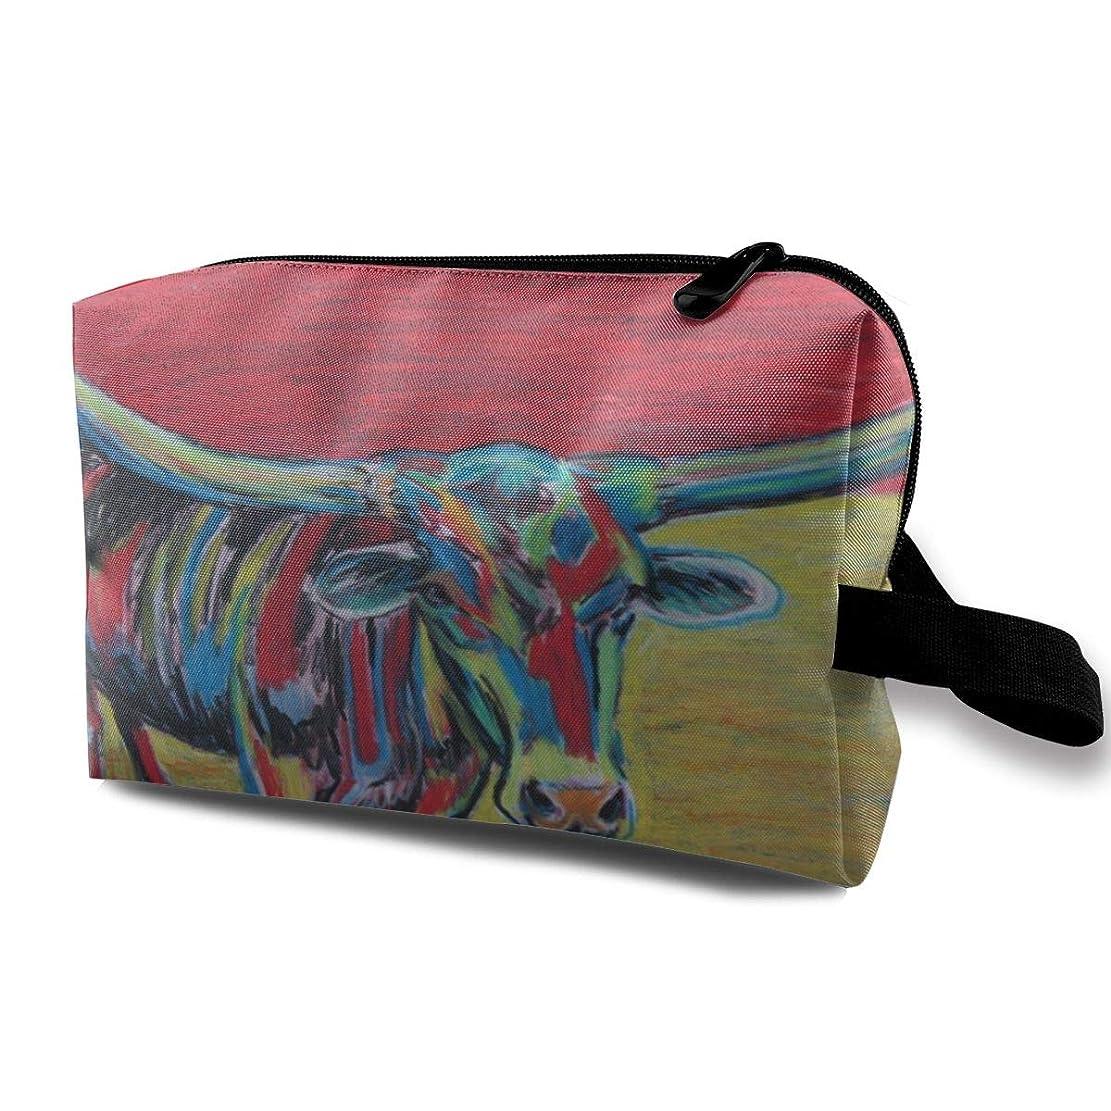 設計図手首フレキシブルメスキートジョー 化粧バッグ 収納袋 女大容量 化粧品クラッチバッグ 収納 軽量 ウィンドジップ